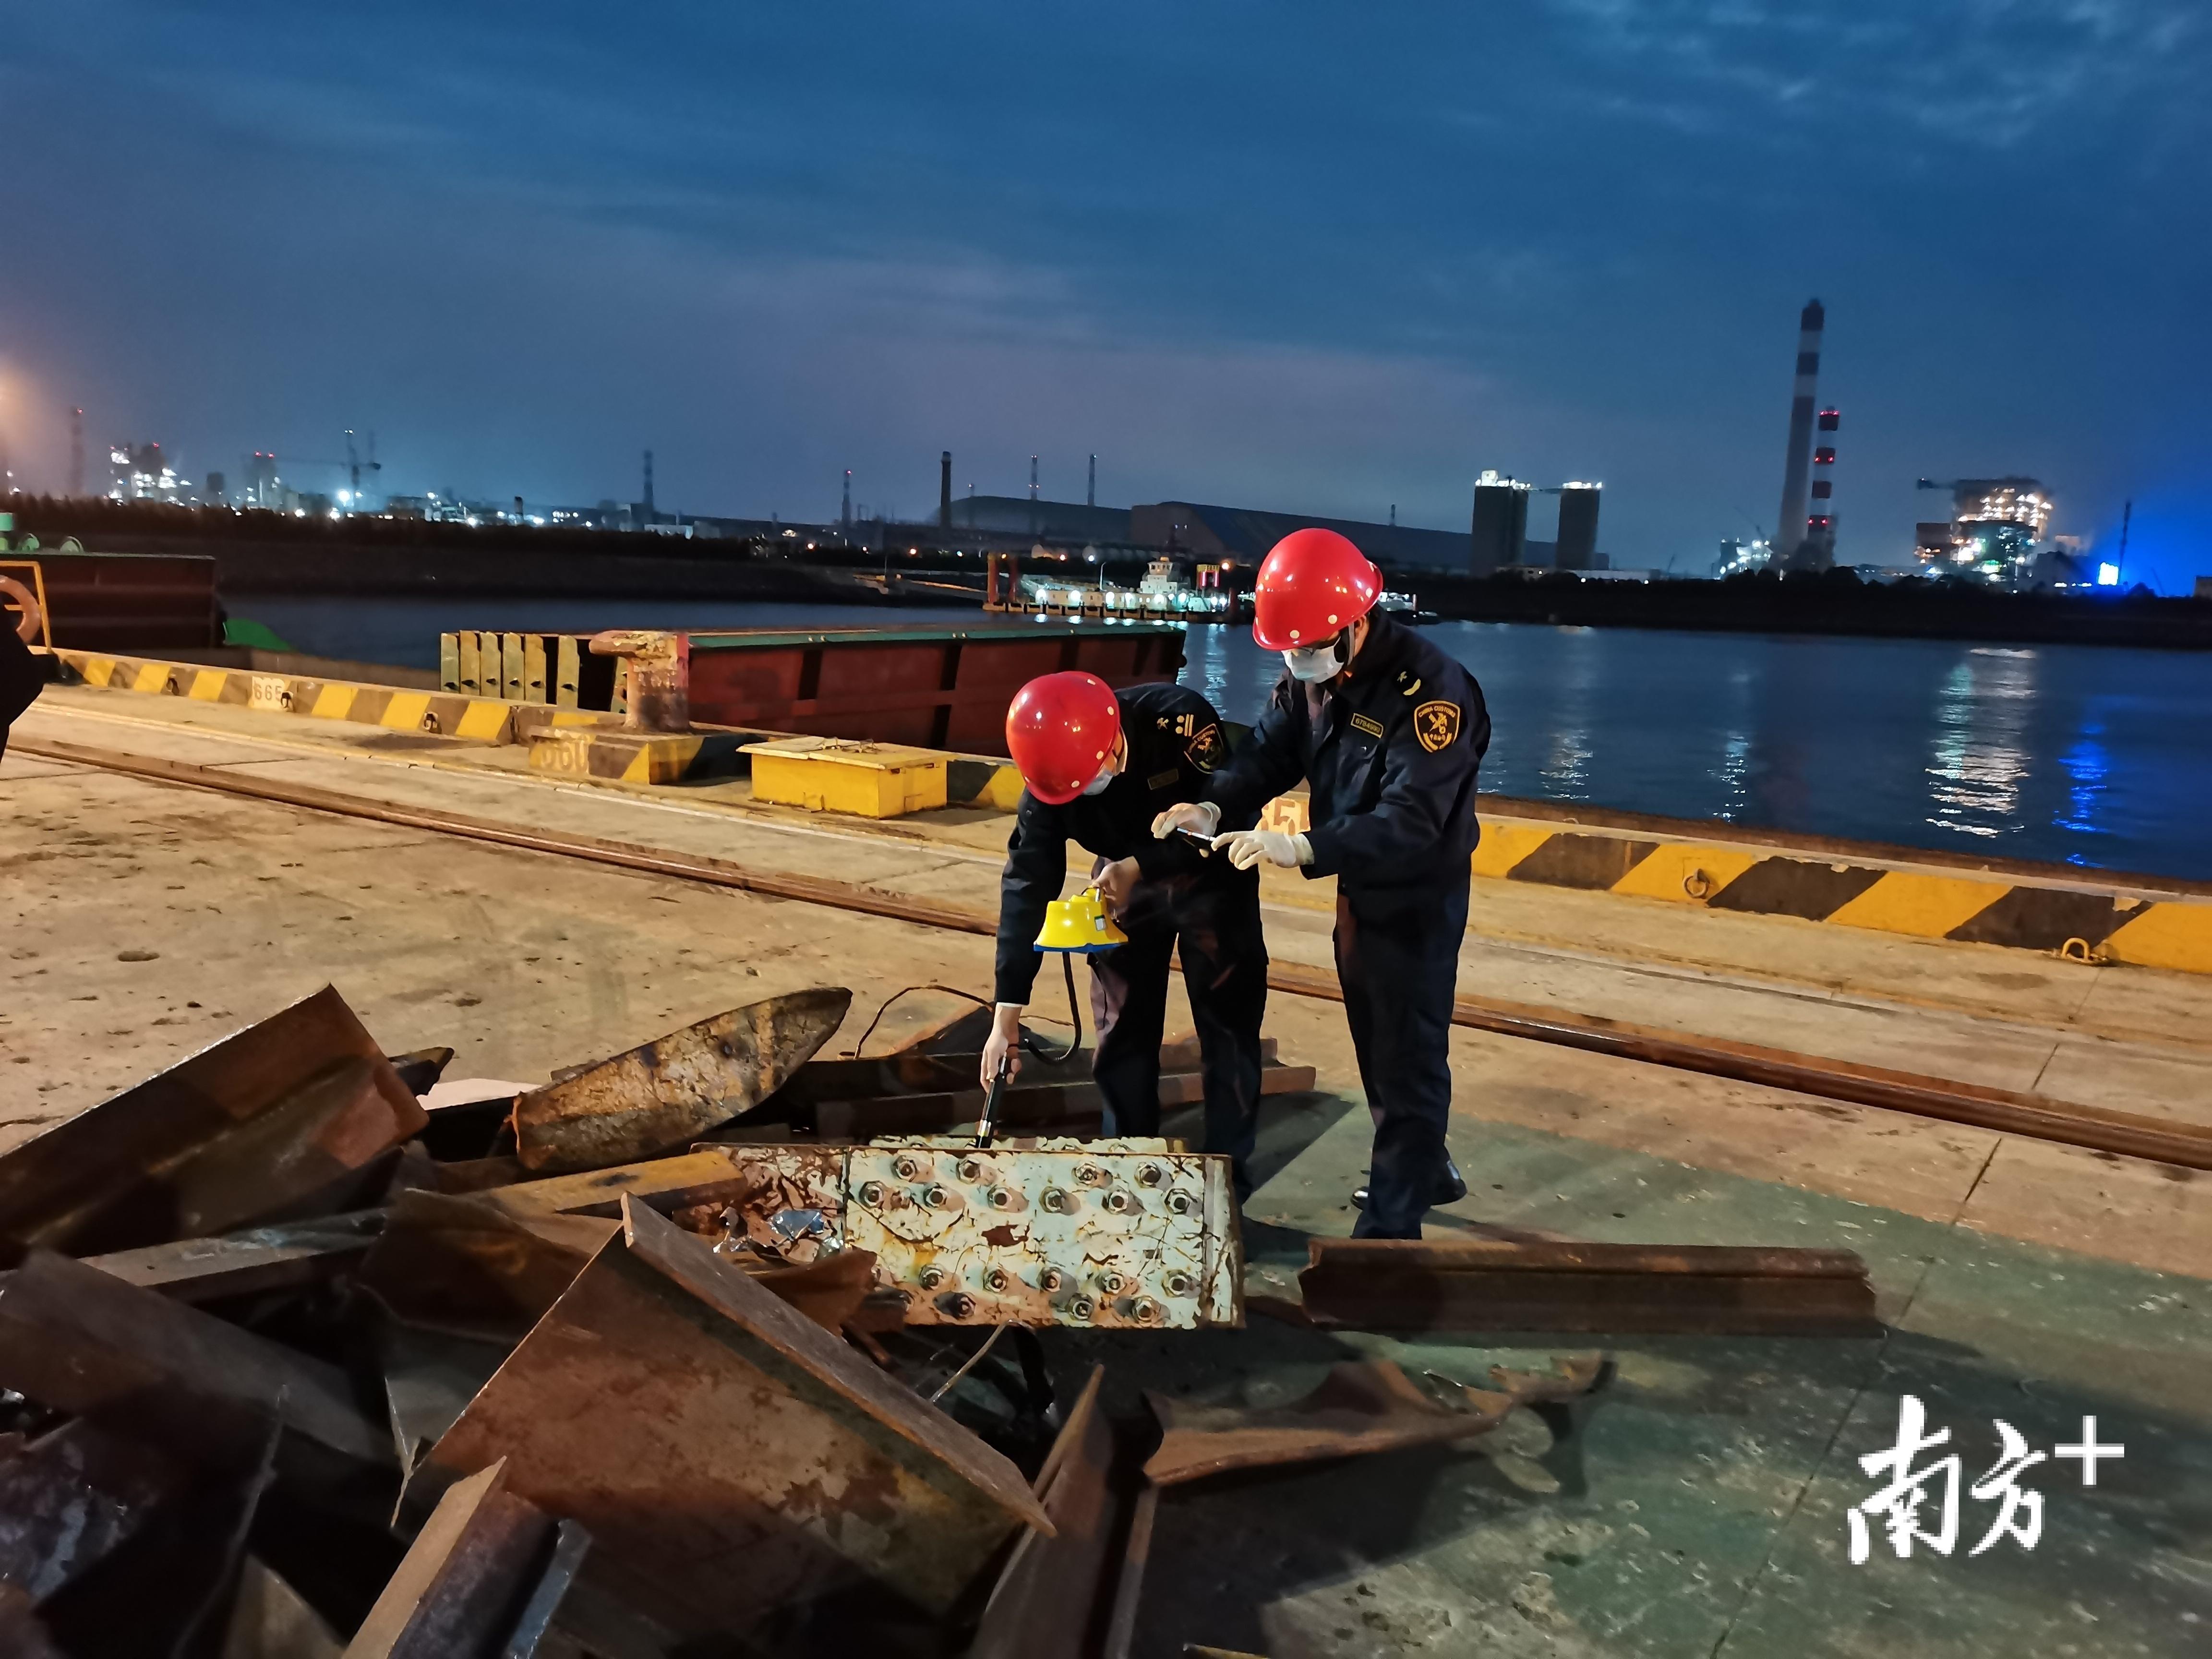 湛江海关在湛江港成功验放第一批进口再生钢铁原料